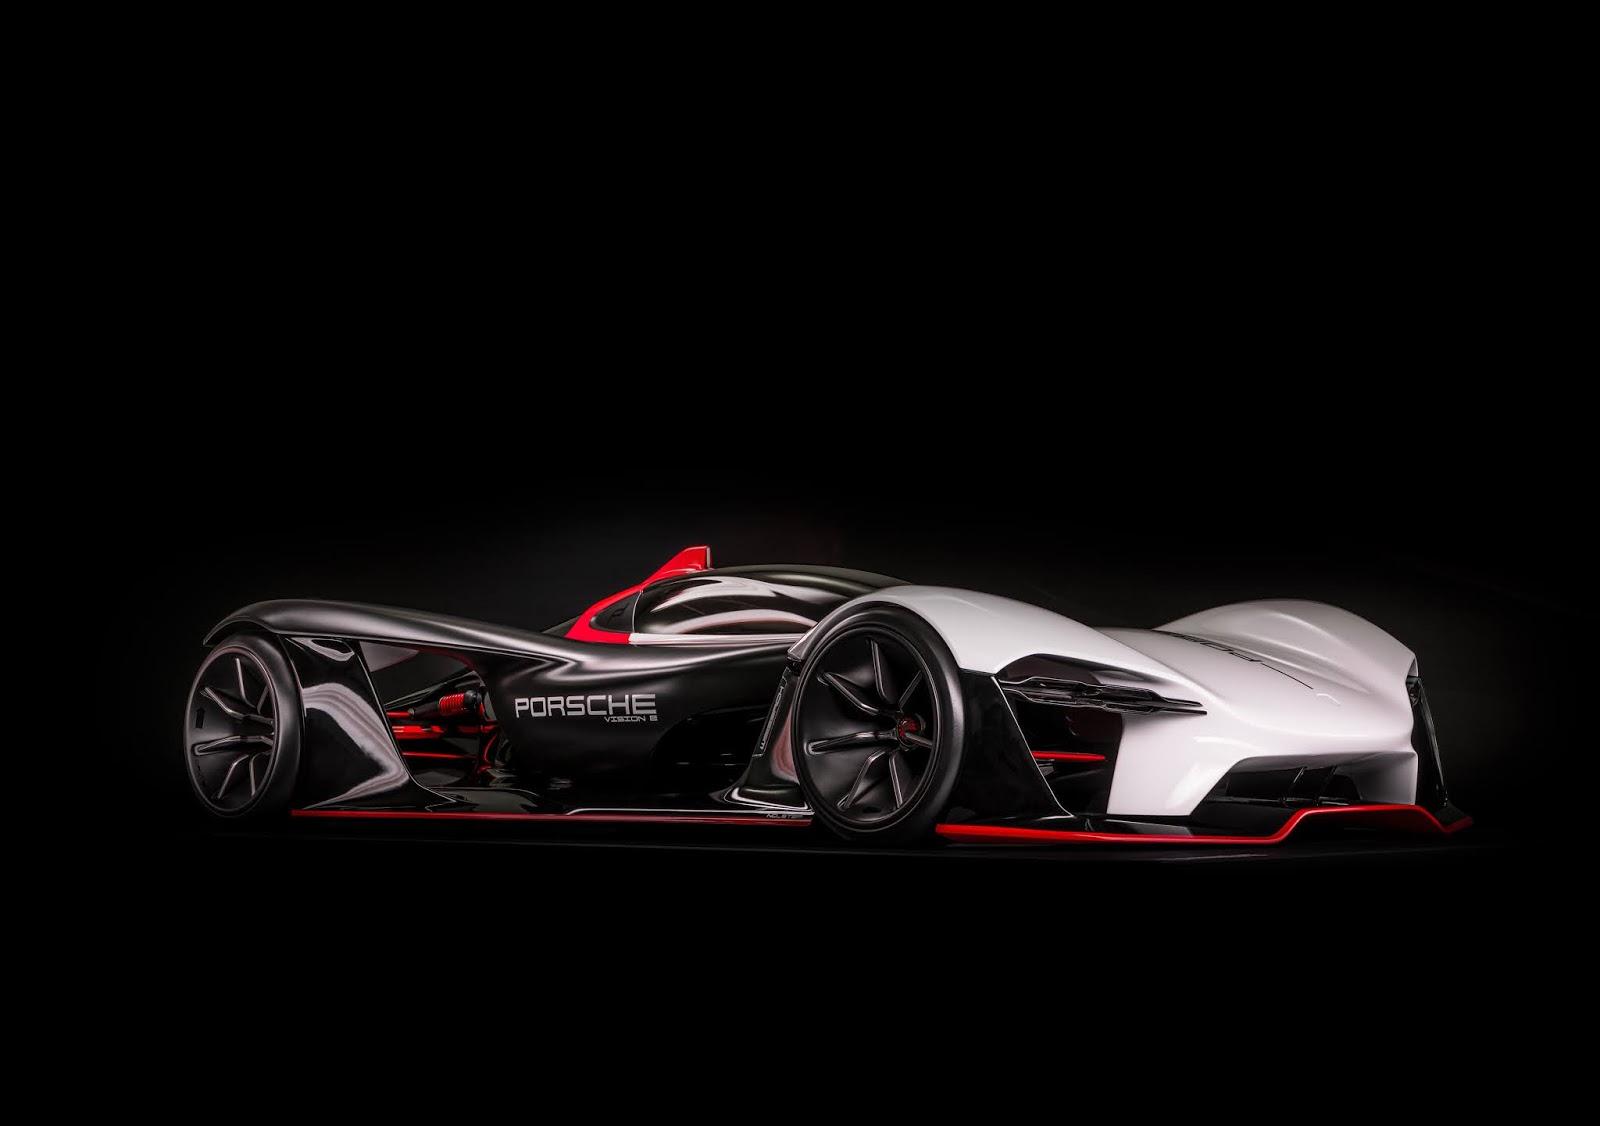 Capture0009 1 Τα άγνωστα Hypercars της Porsche hypercar, Porsche, Porsche Unseen, Sunday, supercar, supercars, zblog, ειδήσεις